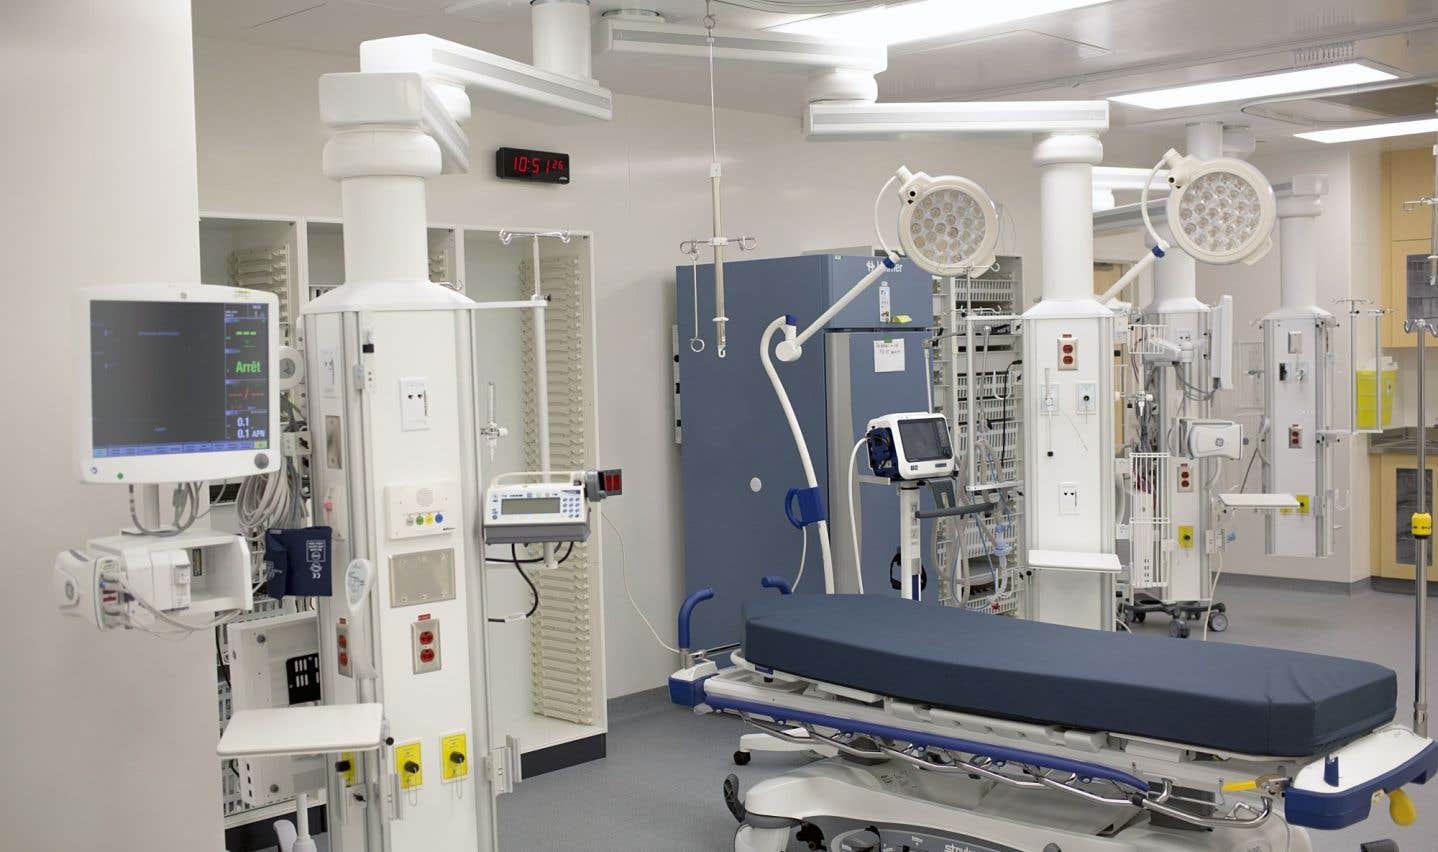 L'«hôpital intelligent» prêt à accueillir les patients